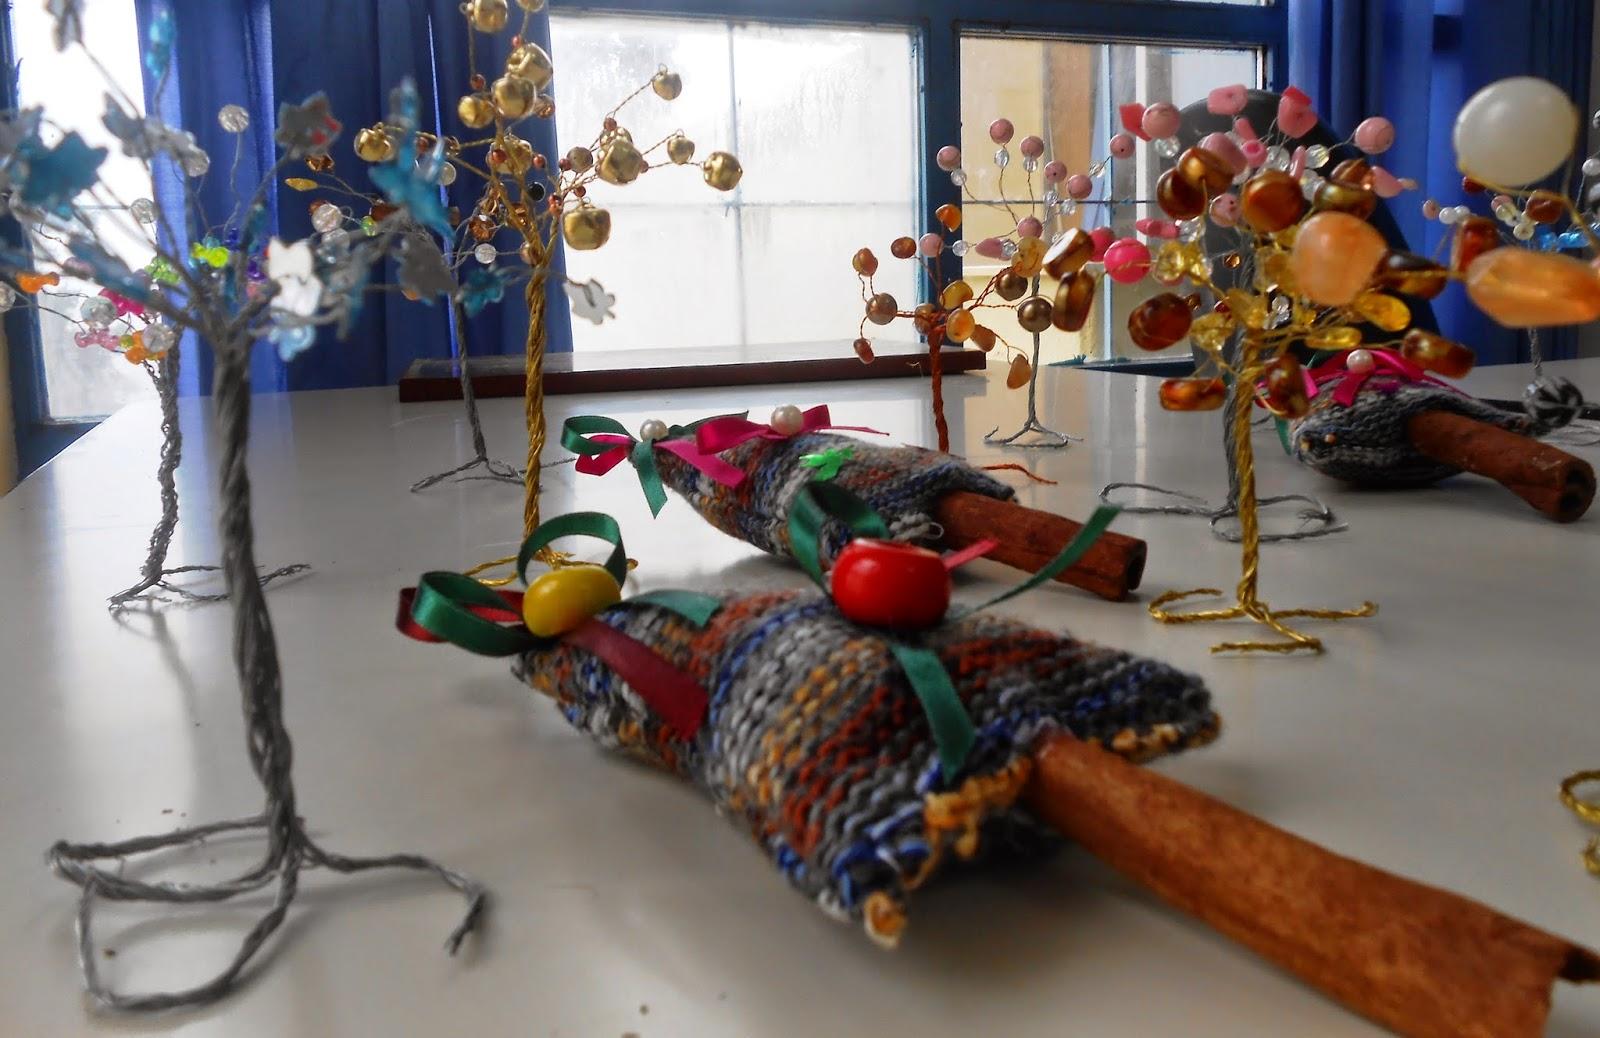 #6E361C ΓΑΛΛΙΚΑ ΣΤΟ ΣΧΟΛΕΙΟ ΜΑΣ : Les Arbres De Noël à N. Marmaras. 5293 décorations de noel à fabriquer cp 1600x1038 px @ aertt.com